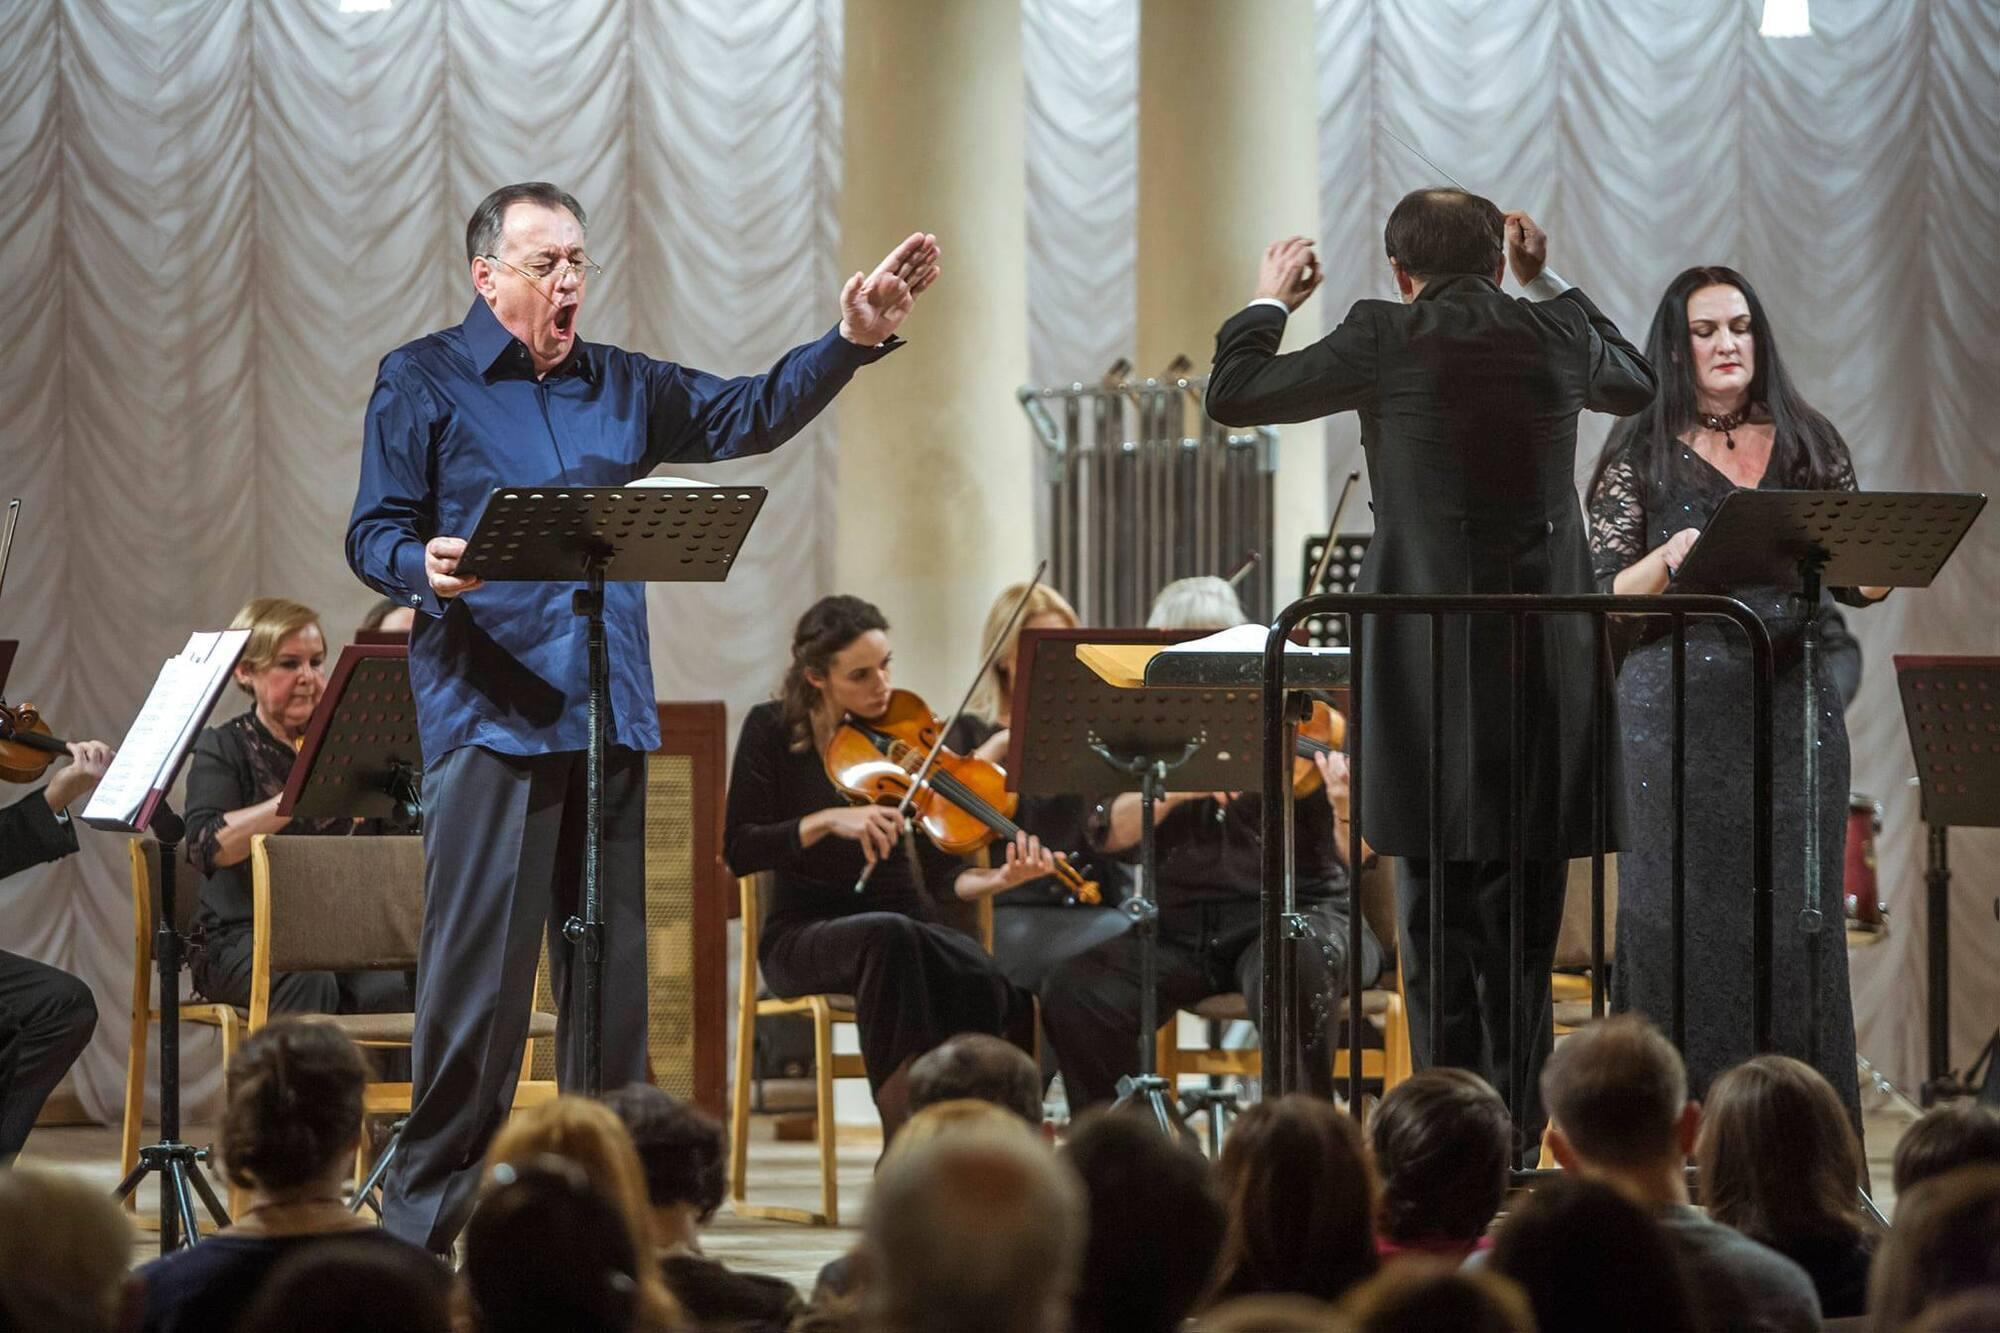 Легендарный Анатолий Кочерга выступает как на топ-площадках мира, так и в Национальной филармонии Украины.